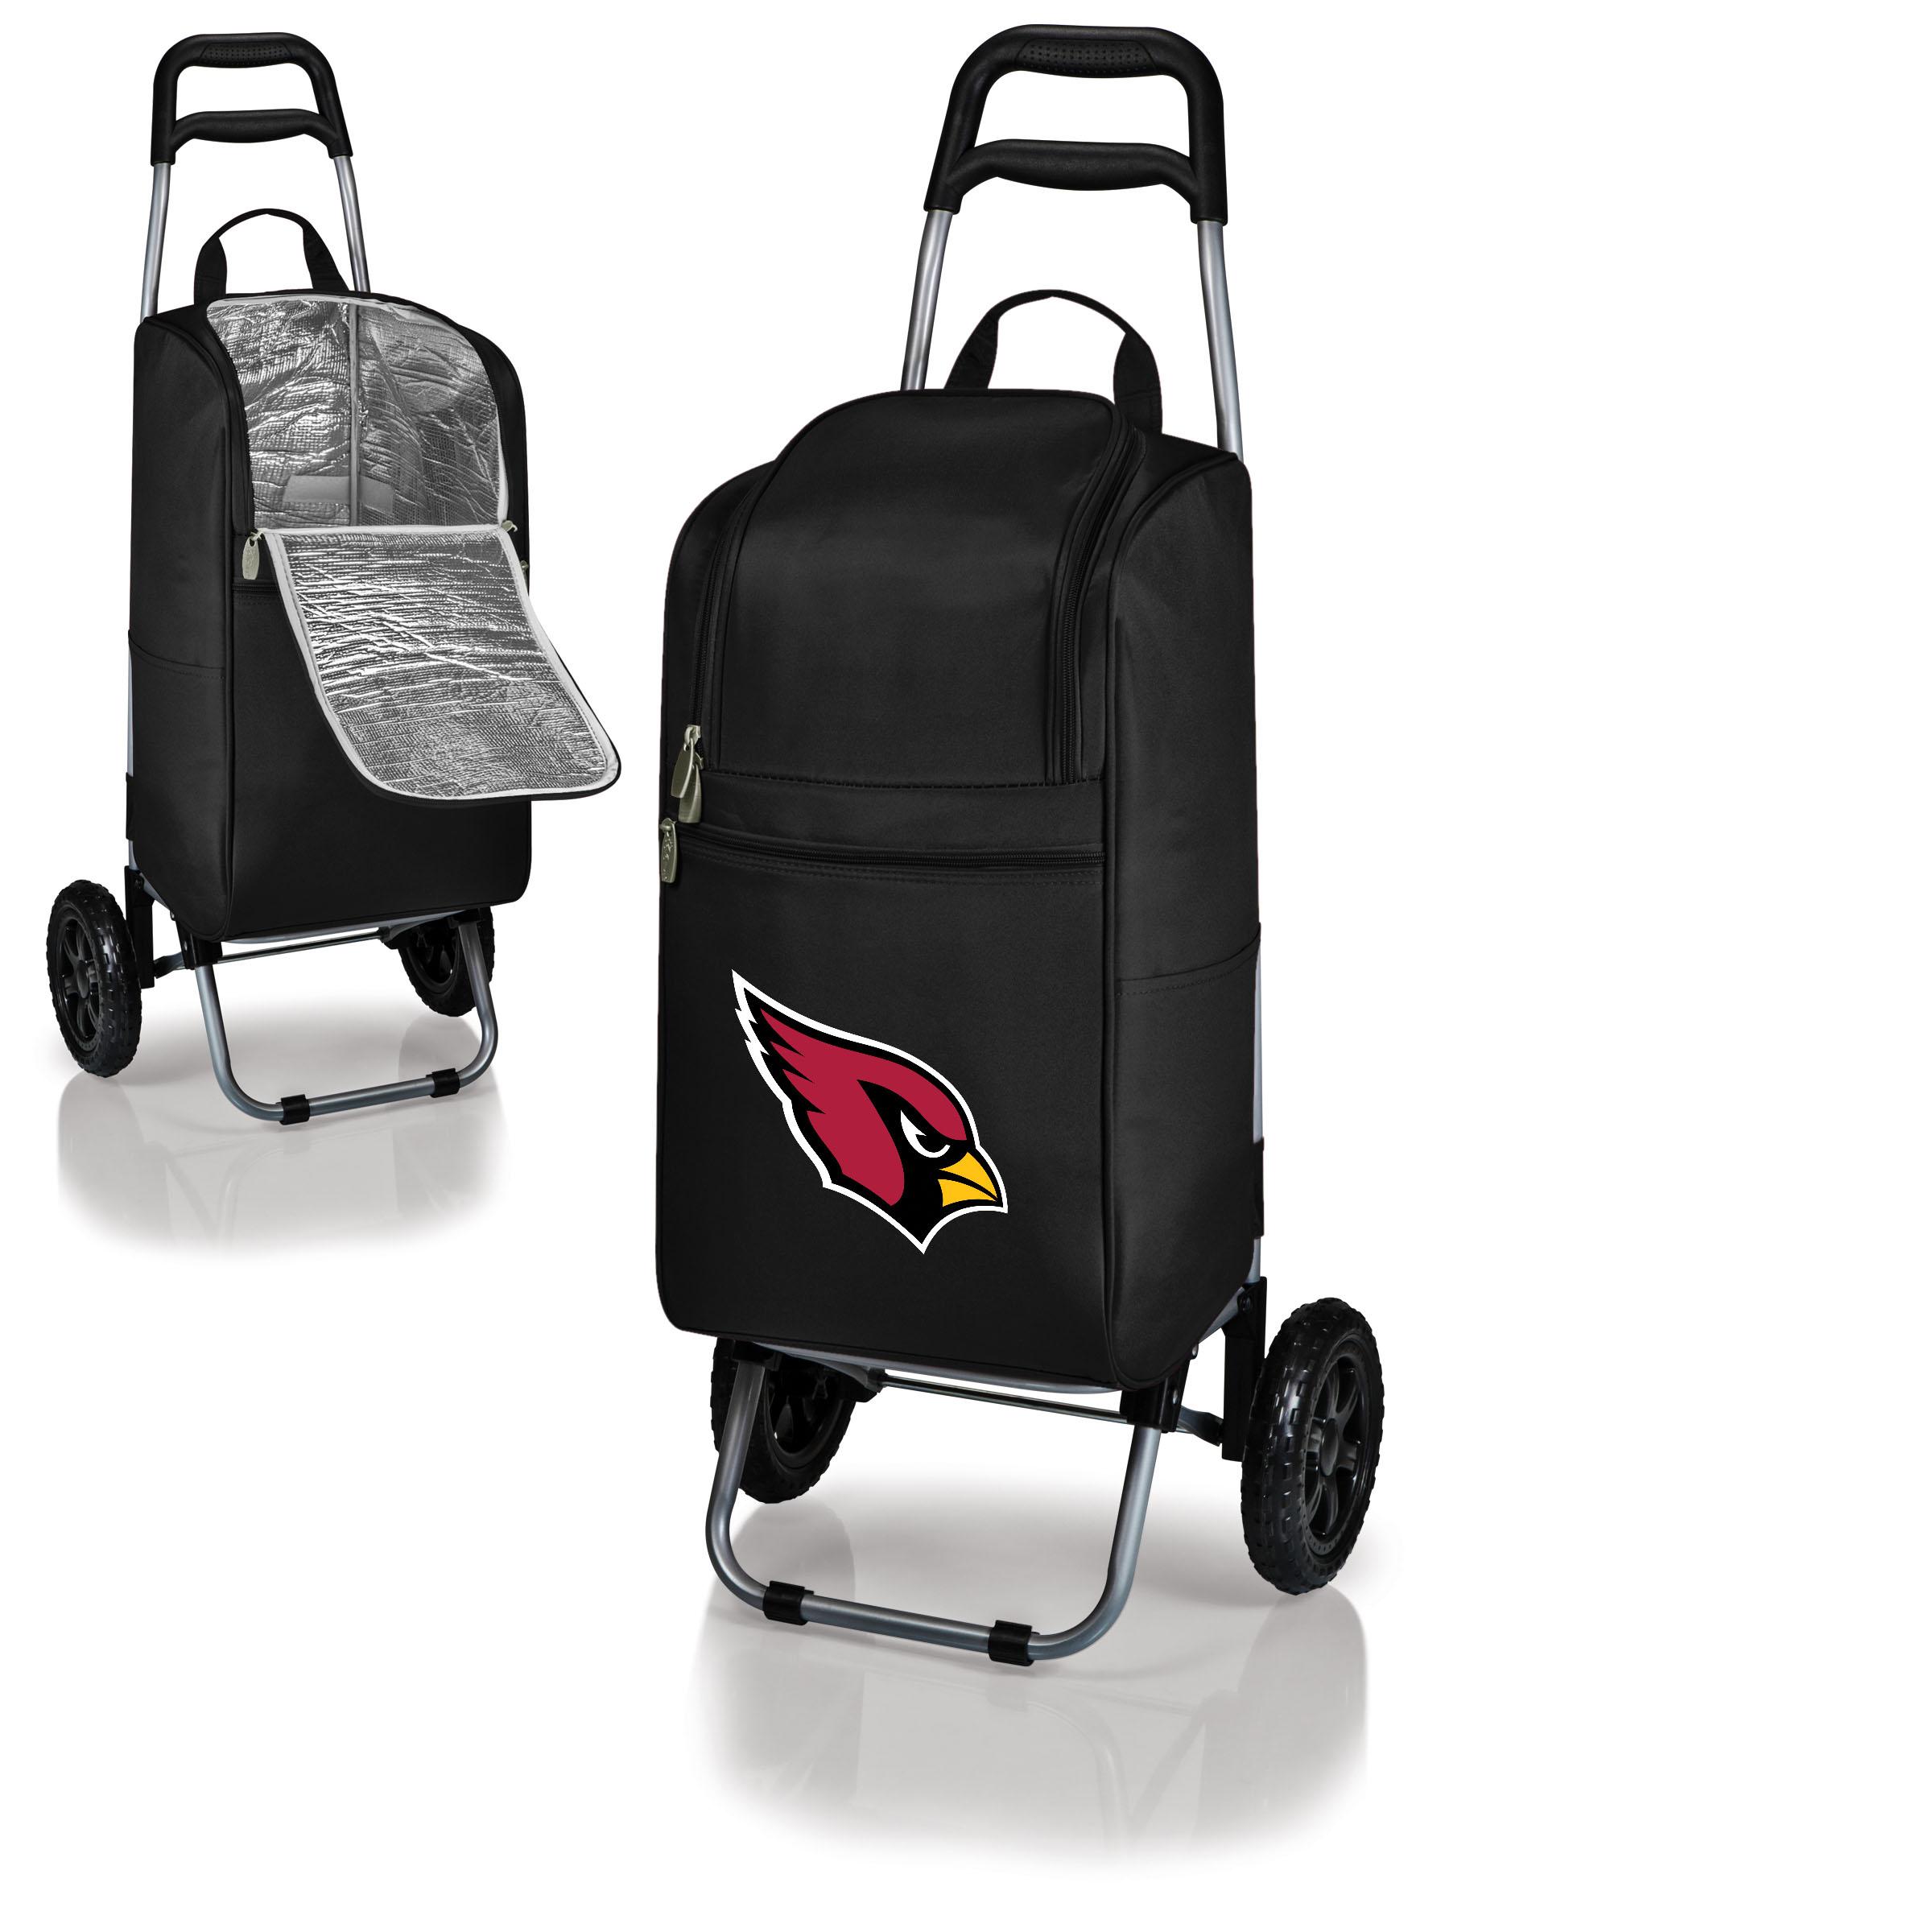 Arizona Cardinals Cart Cooler - Black - No Size